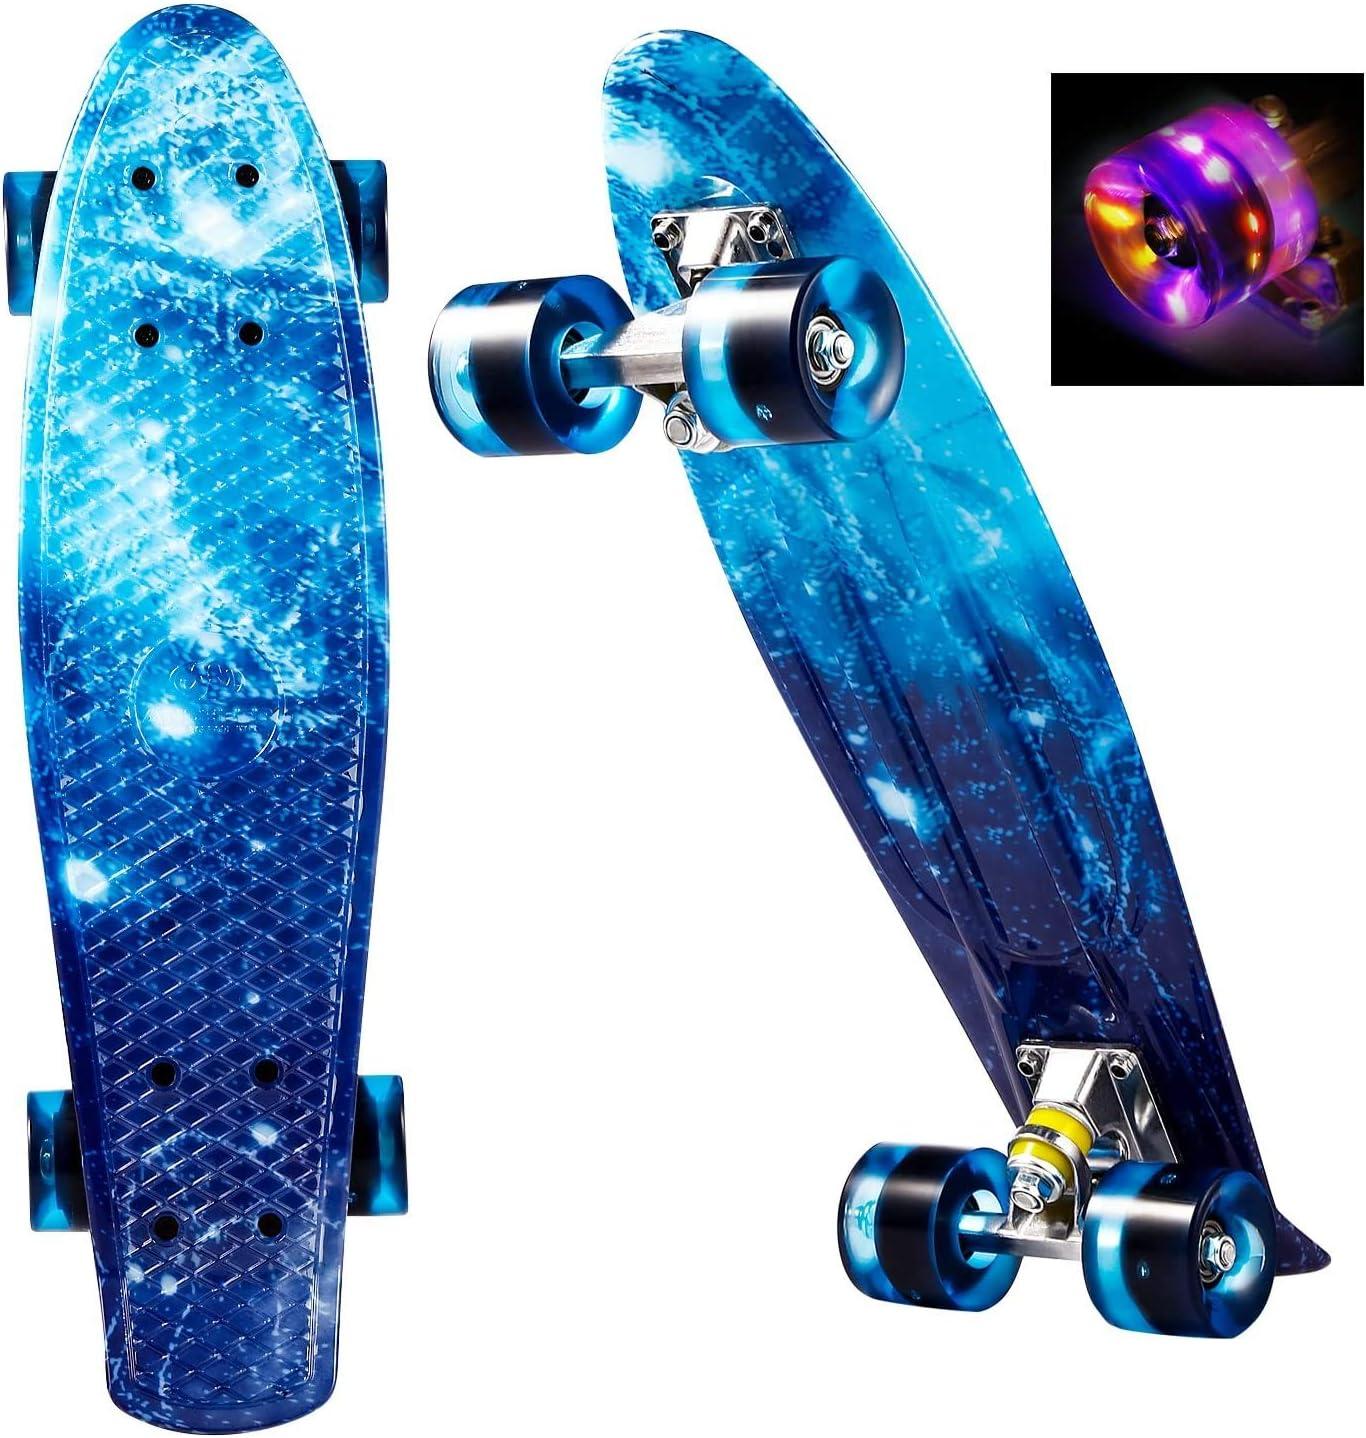 WeSkate Mini Cruiser Skateboard tabla completa retro 22 55 cm tabla de skate vintage con borde de pl/ástico Cruiser tabla con PU rueda flash rodamientos ABEC-7 para adultos ni/ños ni/ños ni/ños ni/ñas